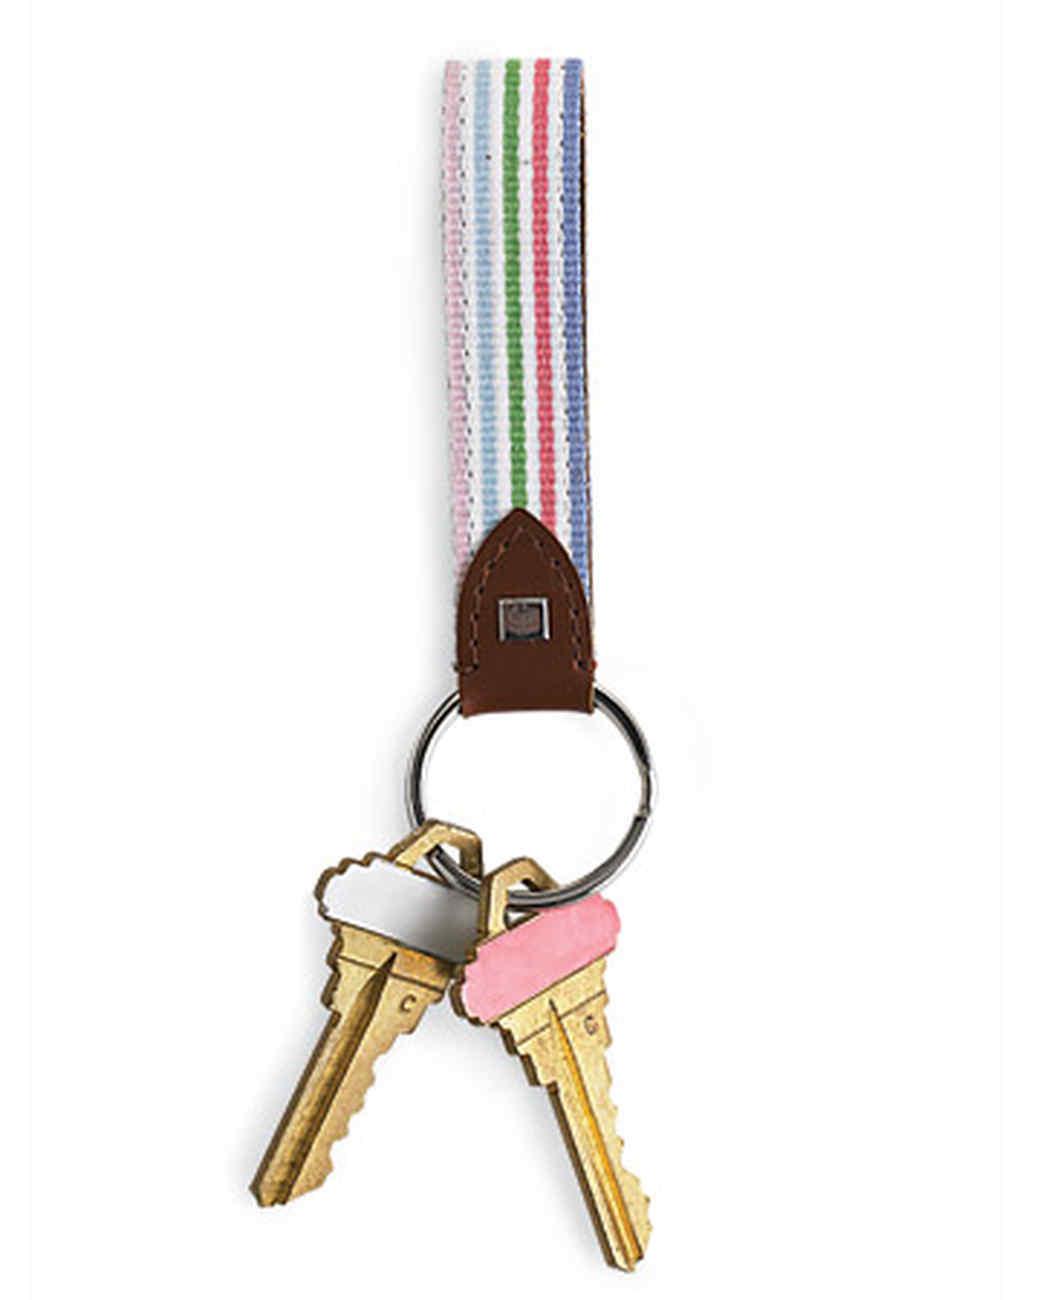 mld103780_0508_keys.jpg